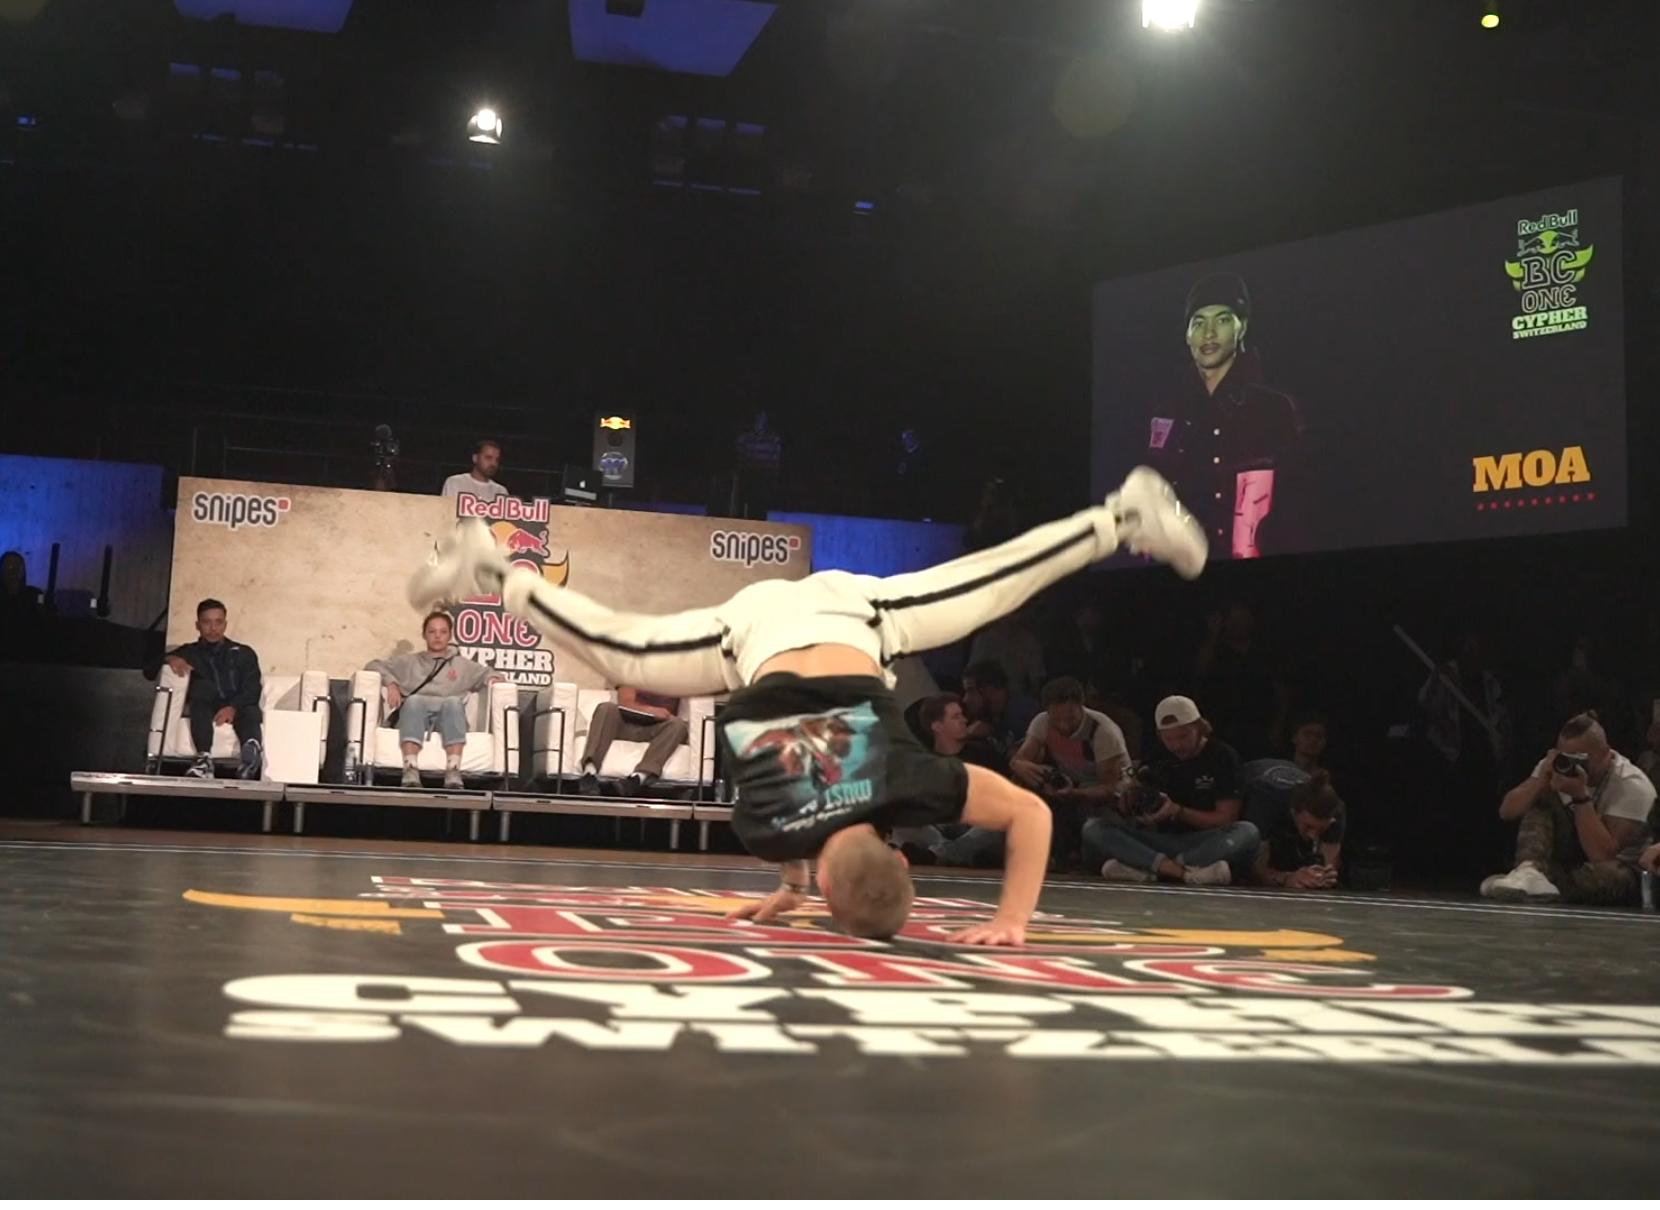 Tänzer bei break dance. Eventvideo zusammen mit Red-Bull produziert in Biel, Tanzvideo.